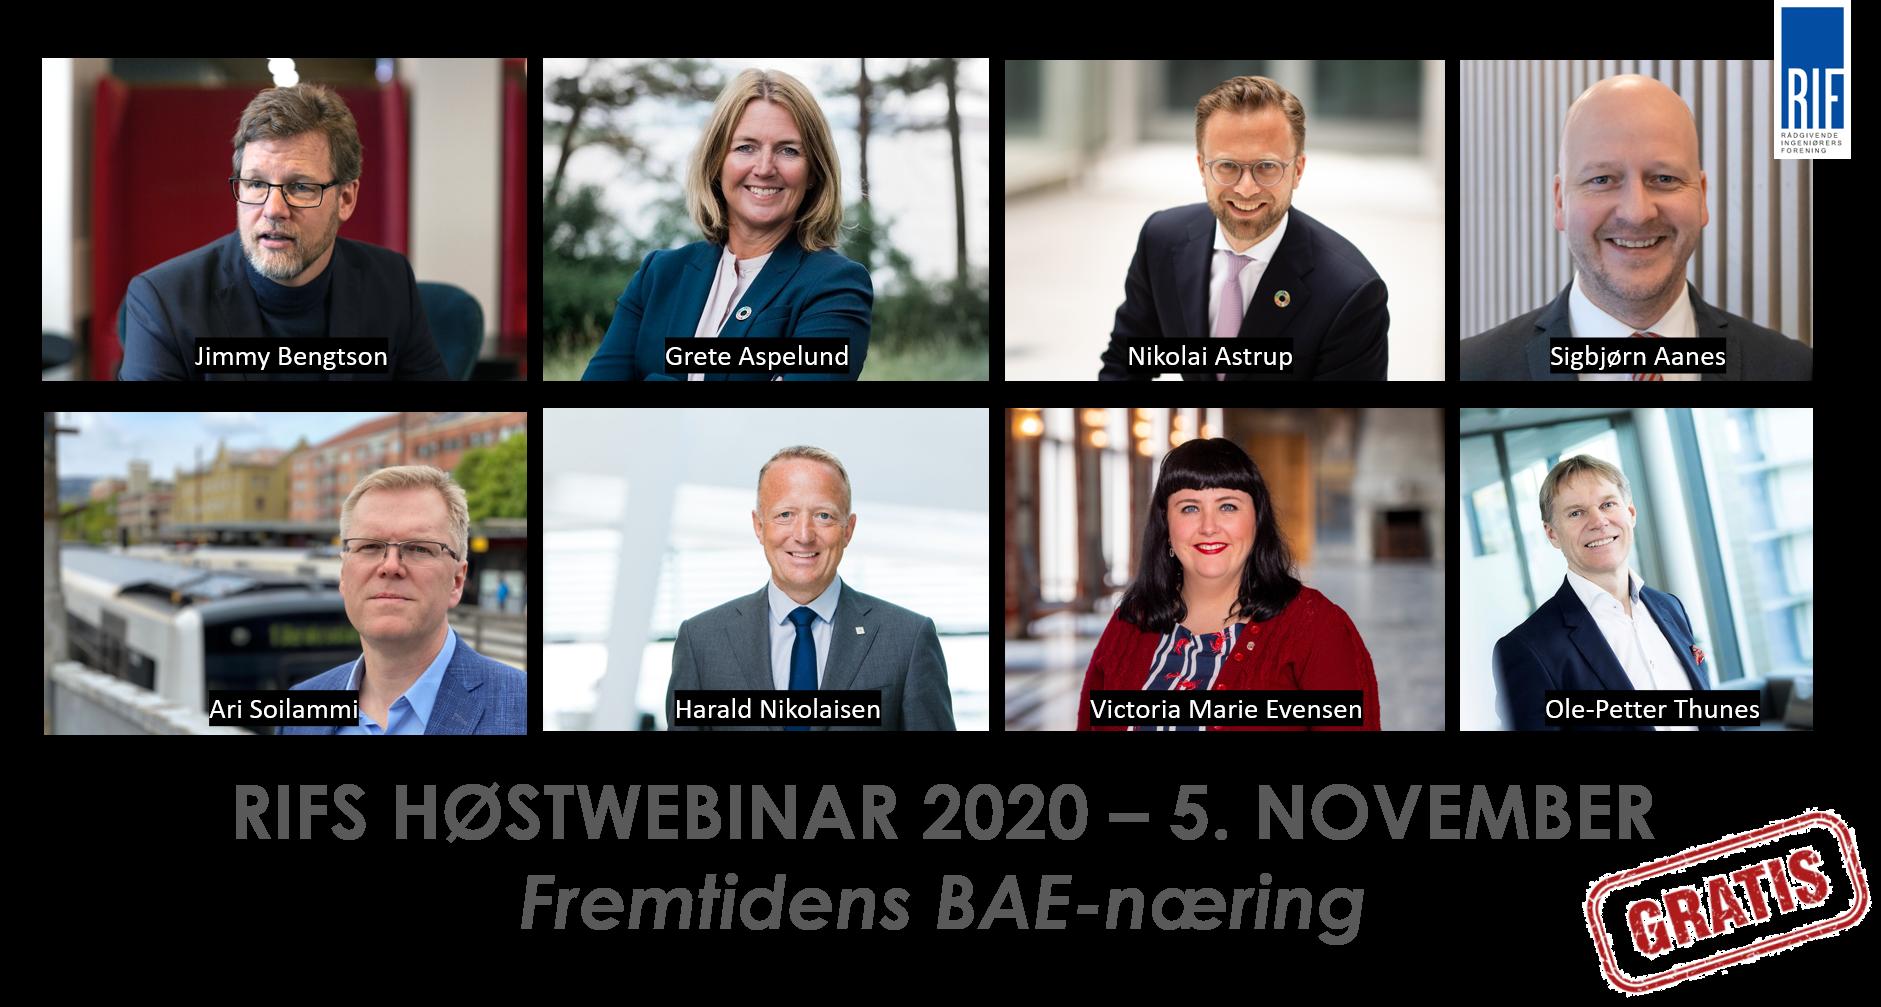 rifs-hostkonferanse-2020-5-november